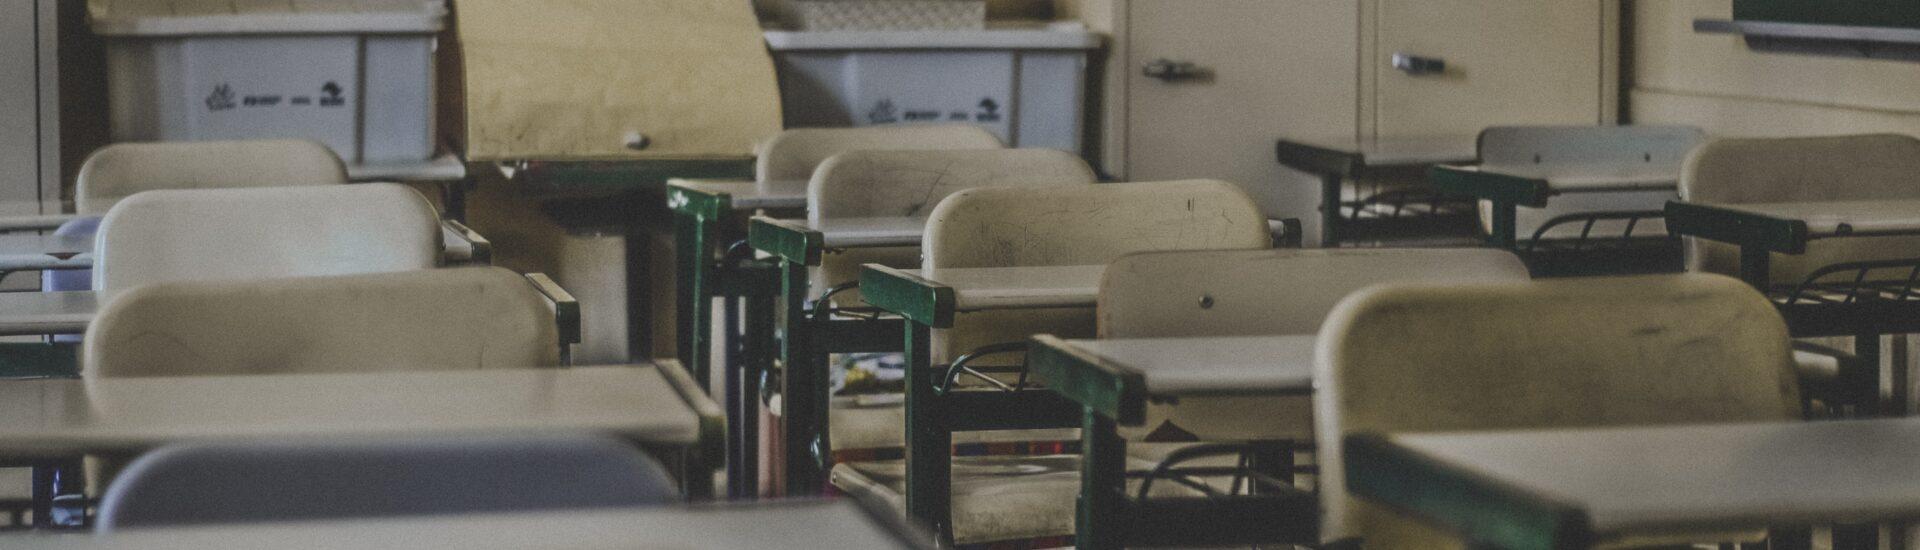 Να μην ανοίξουν τώρα τα σχολεία ζητούν οι καθηγητές